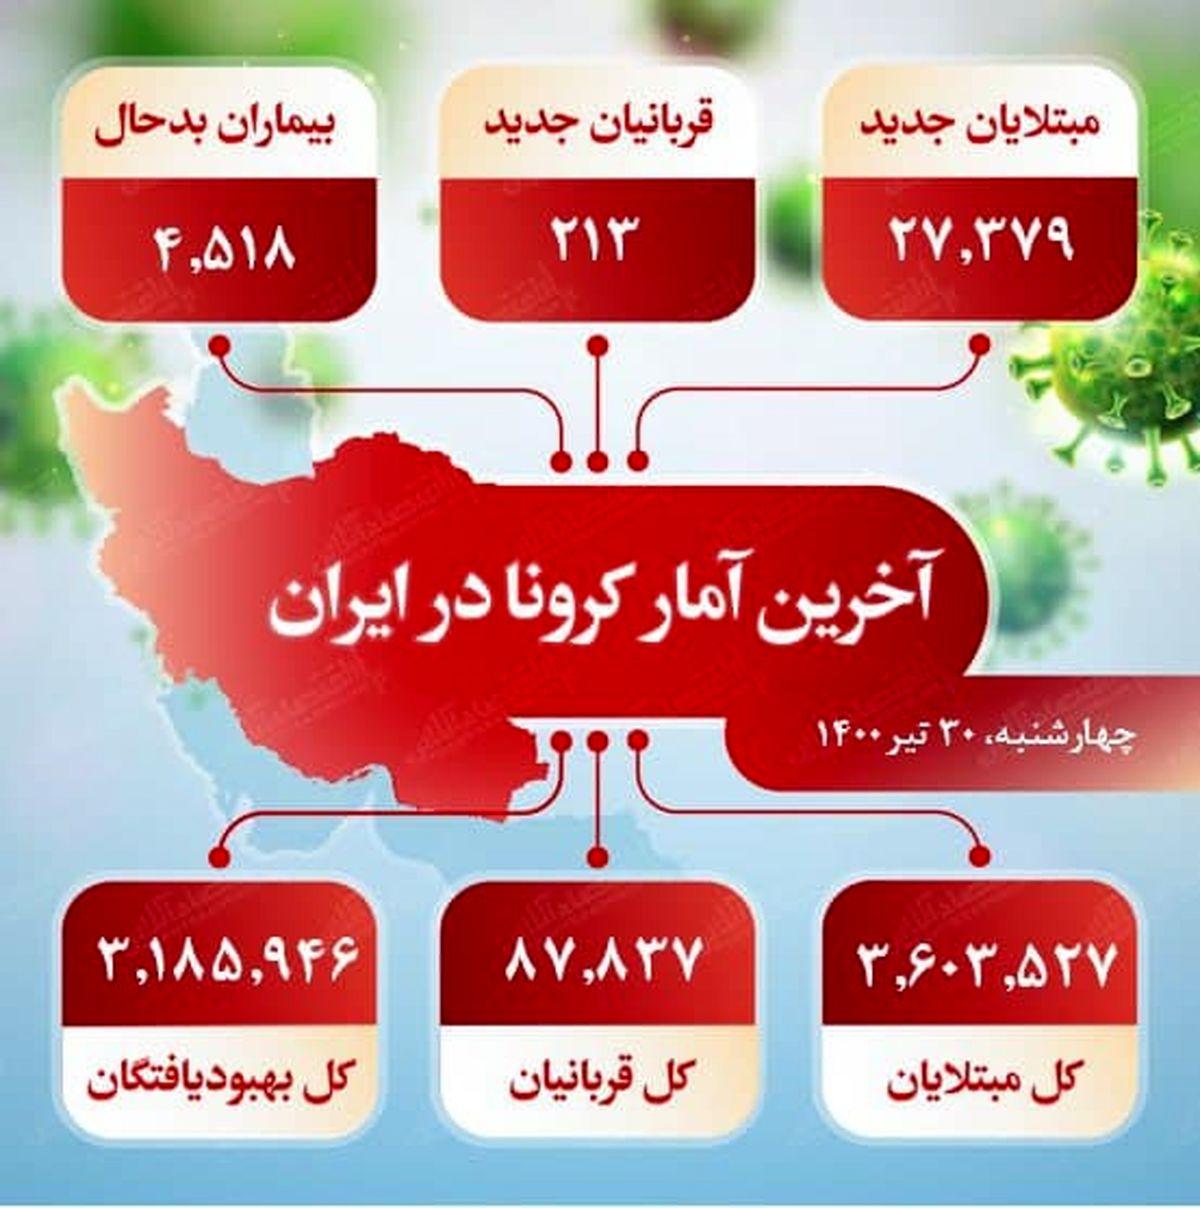 آخرین آمار کرونا در ایران (۱۴۰۰/۴/۳۰)